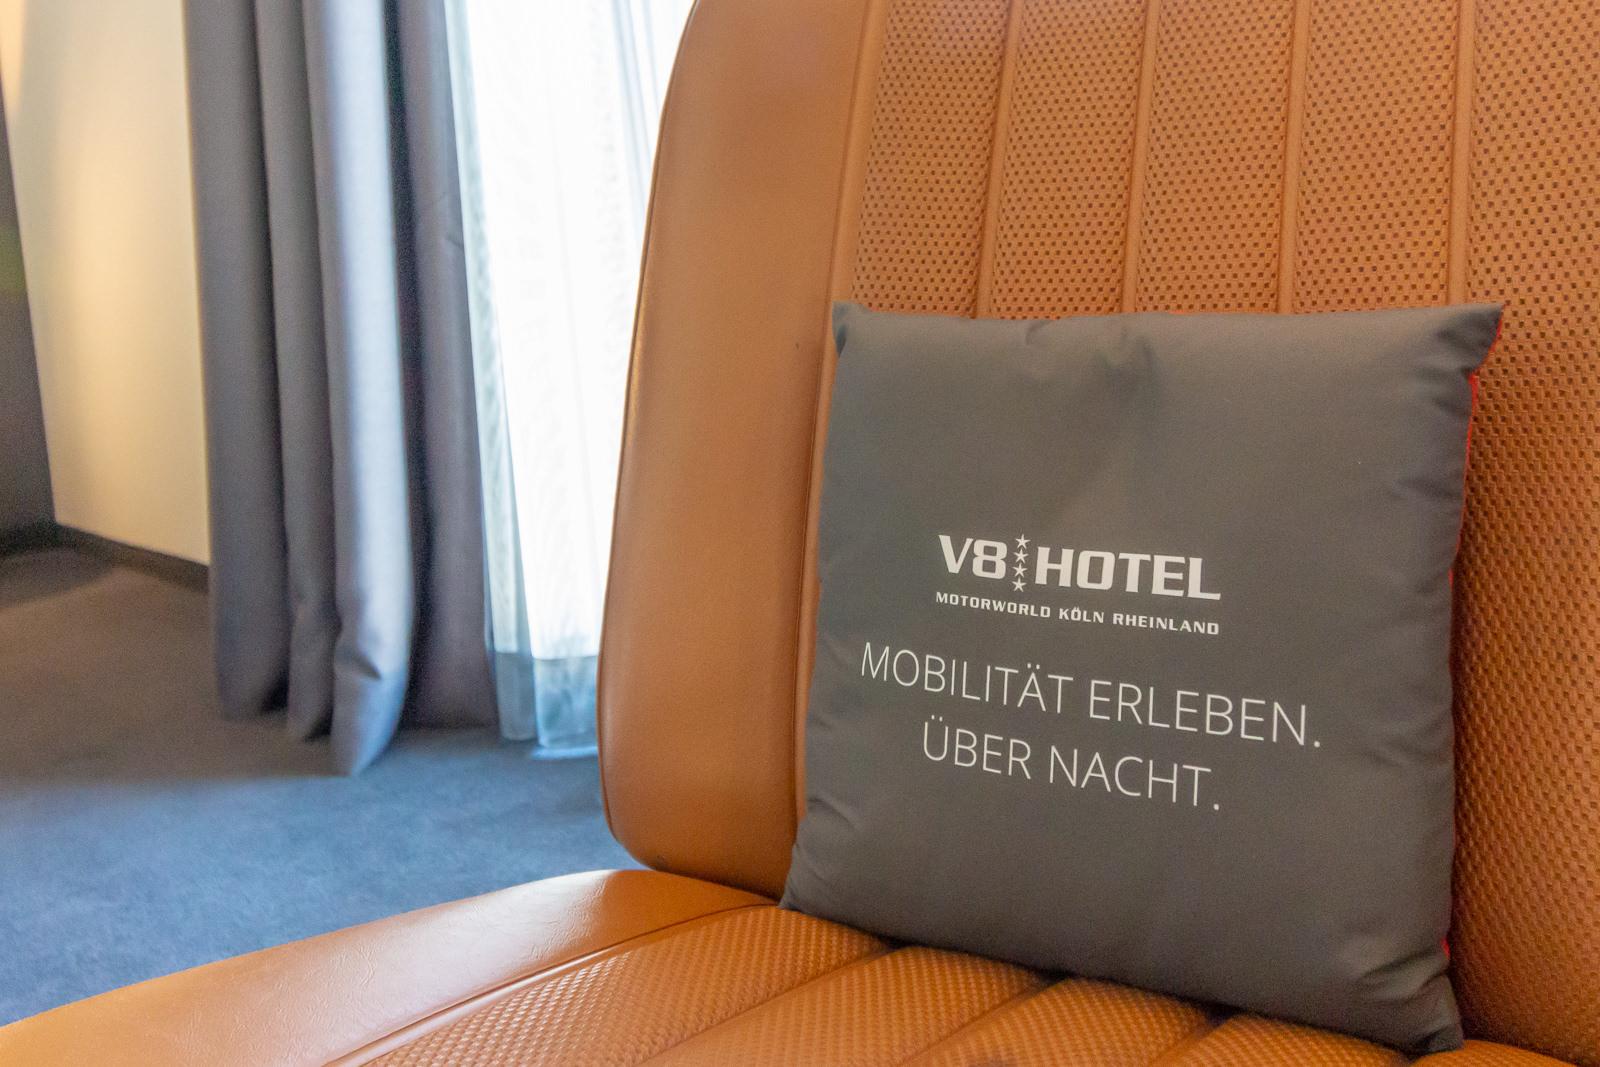 Abgefahren Im Kolner V8 Hotel Werden Automobiltraume Wahr